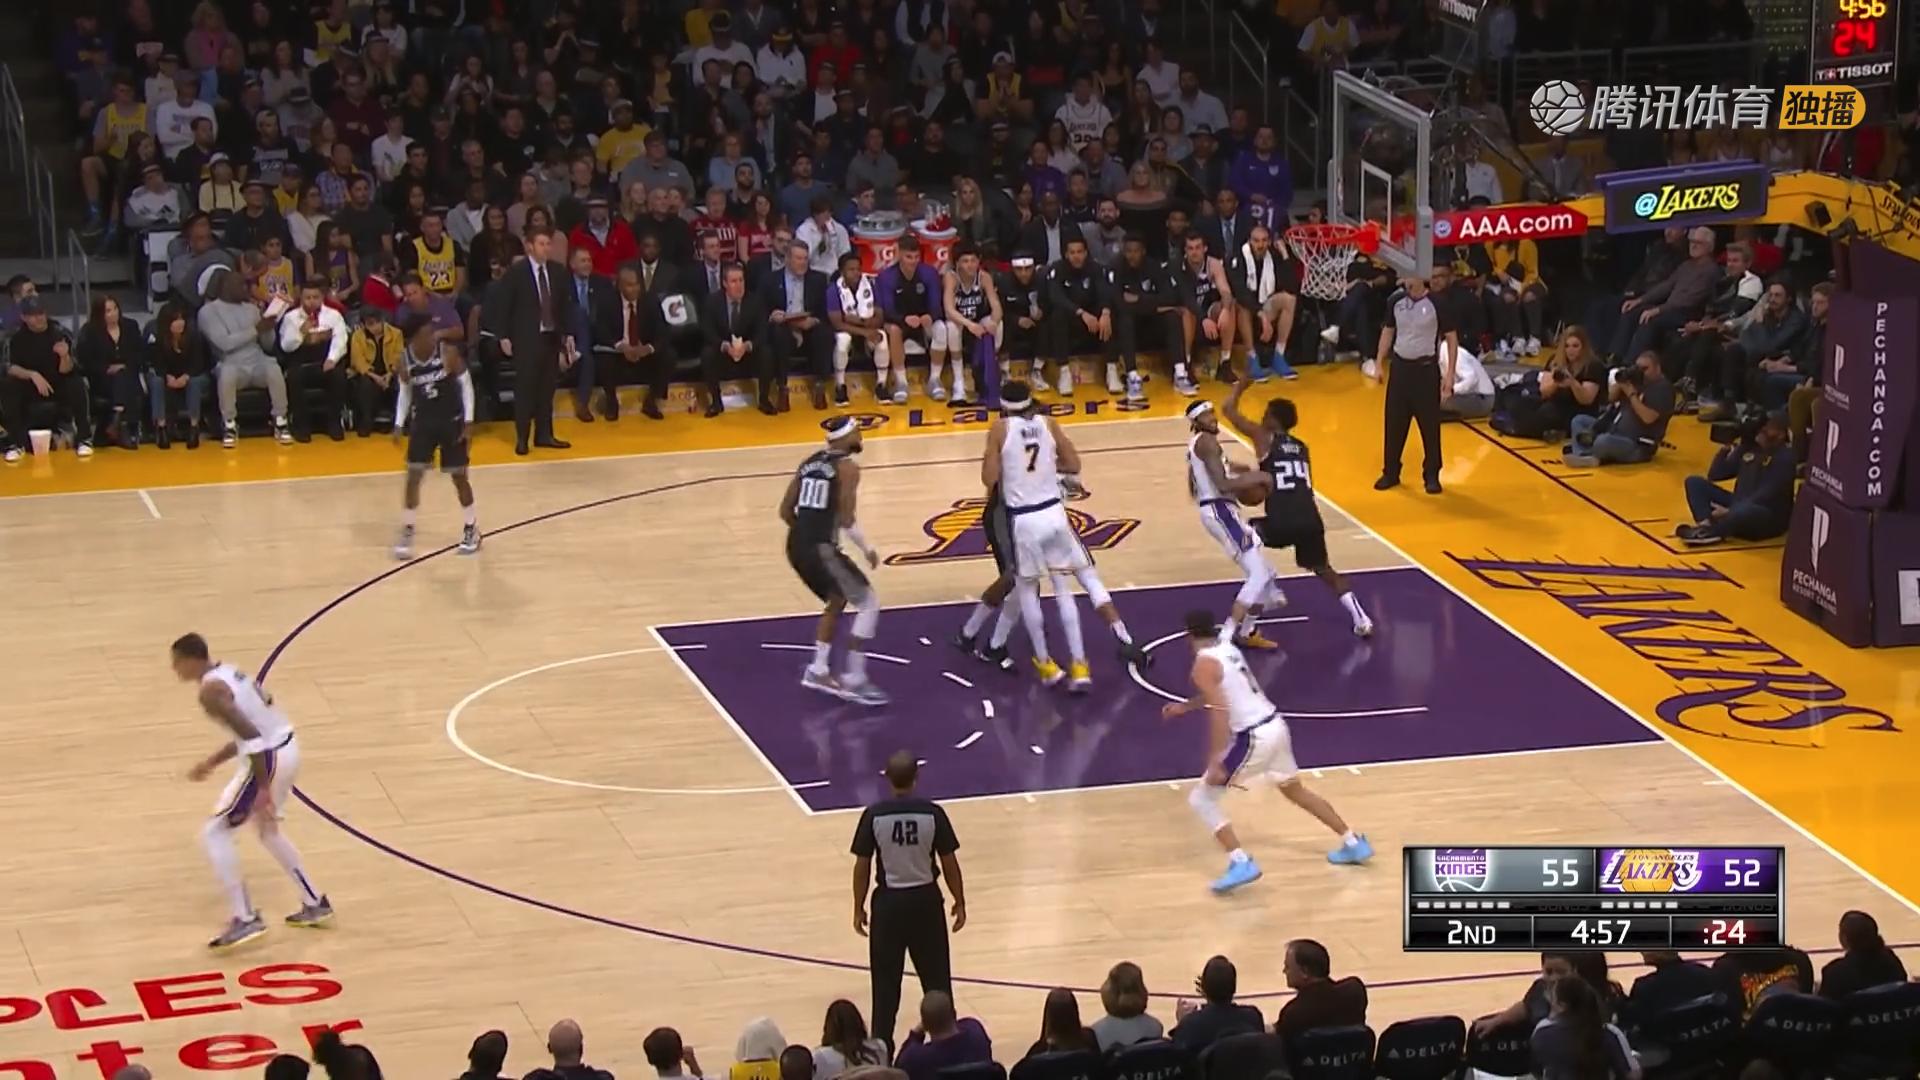 2018年12月31日 NBA常规赛 国王VS湖人 全场高清录像回放-麦豆网